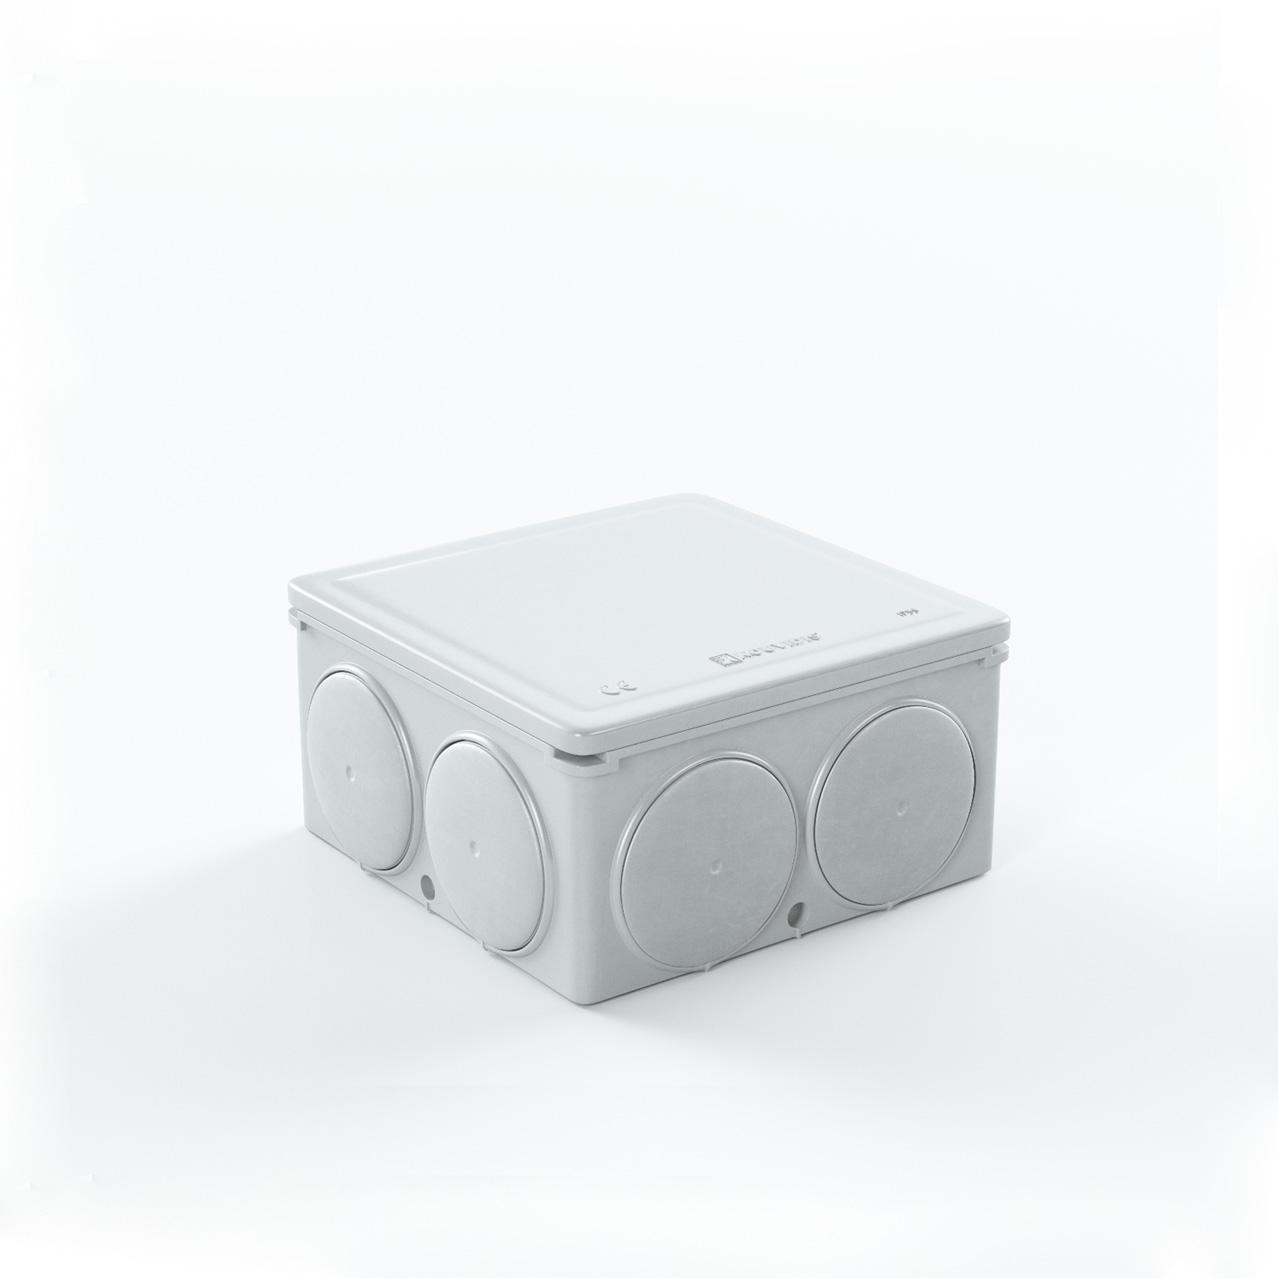 Στεγανό Τετράγωνο Κουτί Διακ/Σεως Condur Iar Με Ίσιες Τάπες Φ16/20